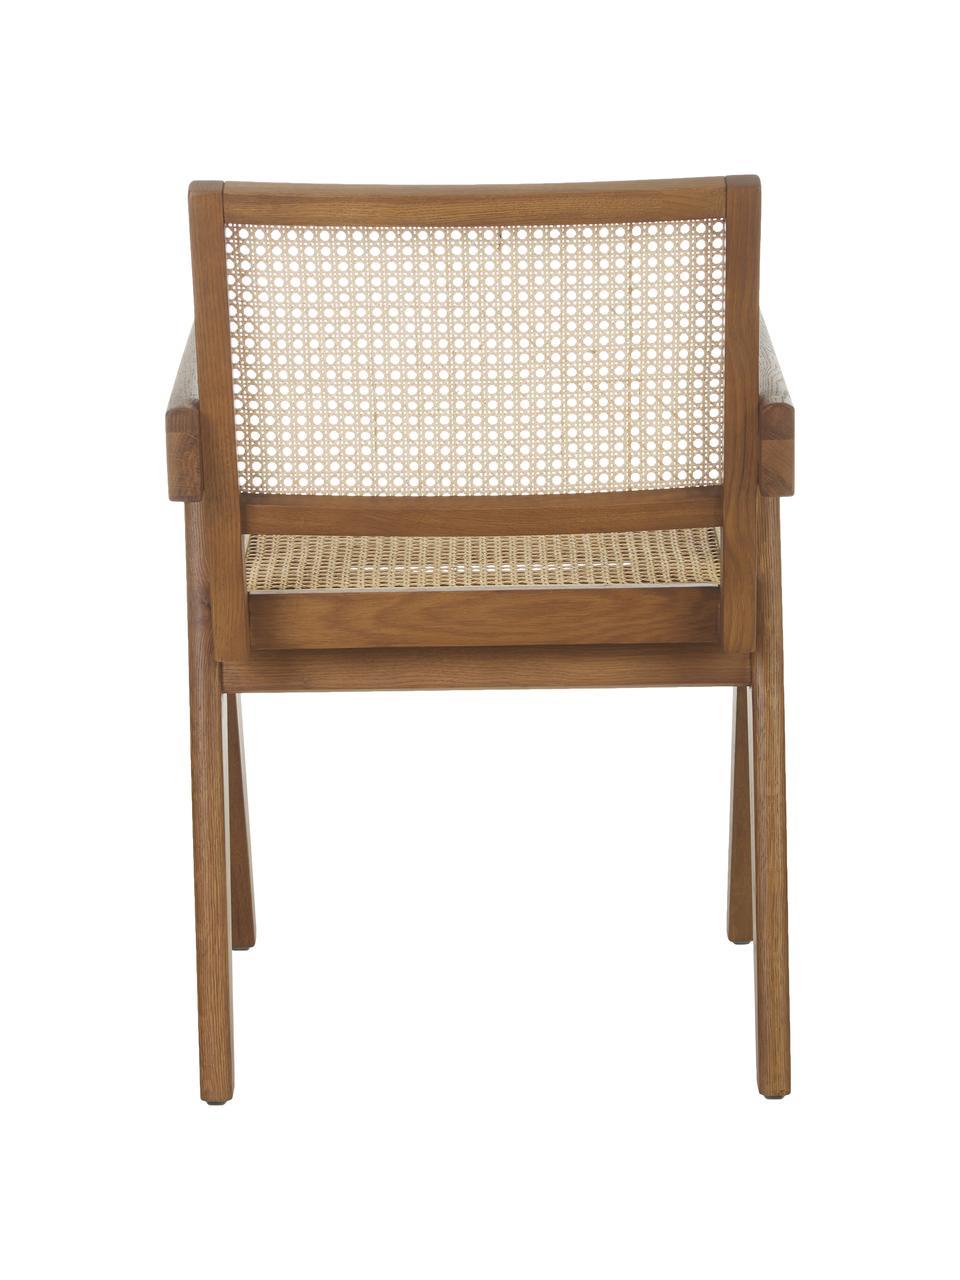 Sedia con braccioli e intreccio viennese Sissi, Struttura: legno di quercia massicci, Seduta: rattan, Legno di quercia, Larg. 52 x Prof. 58 cm